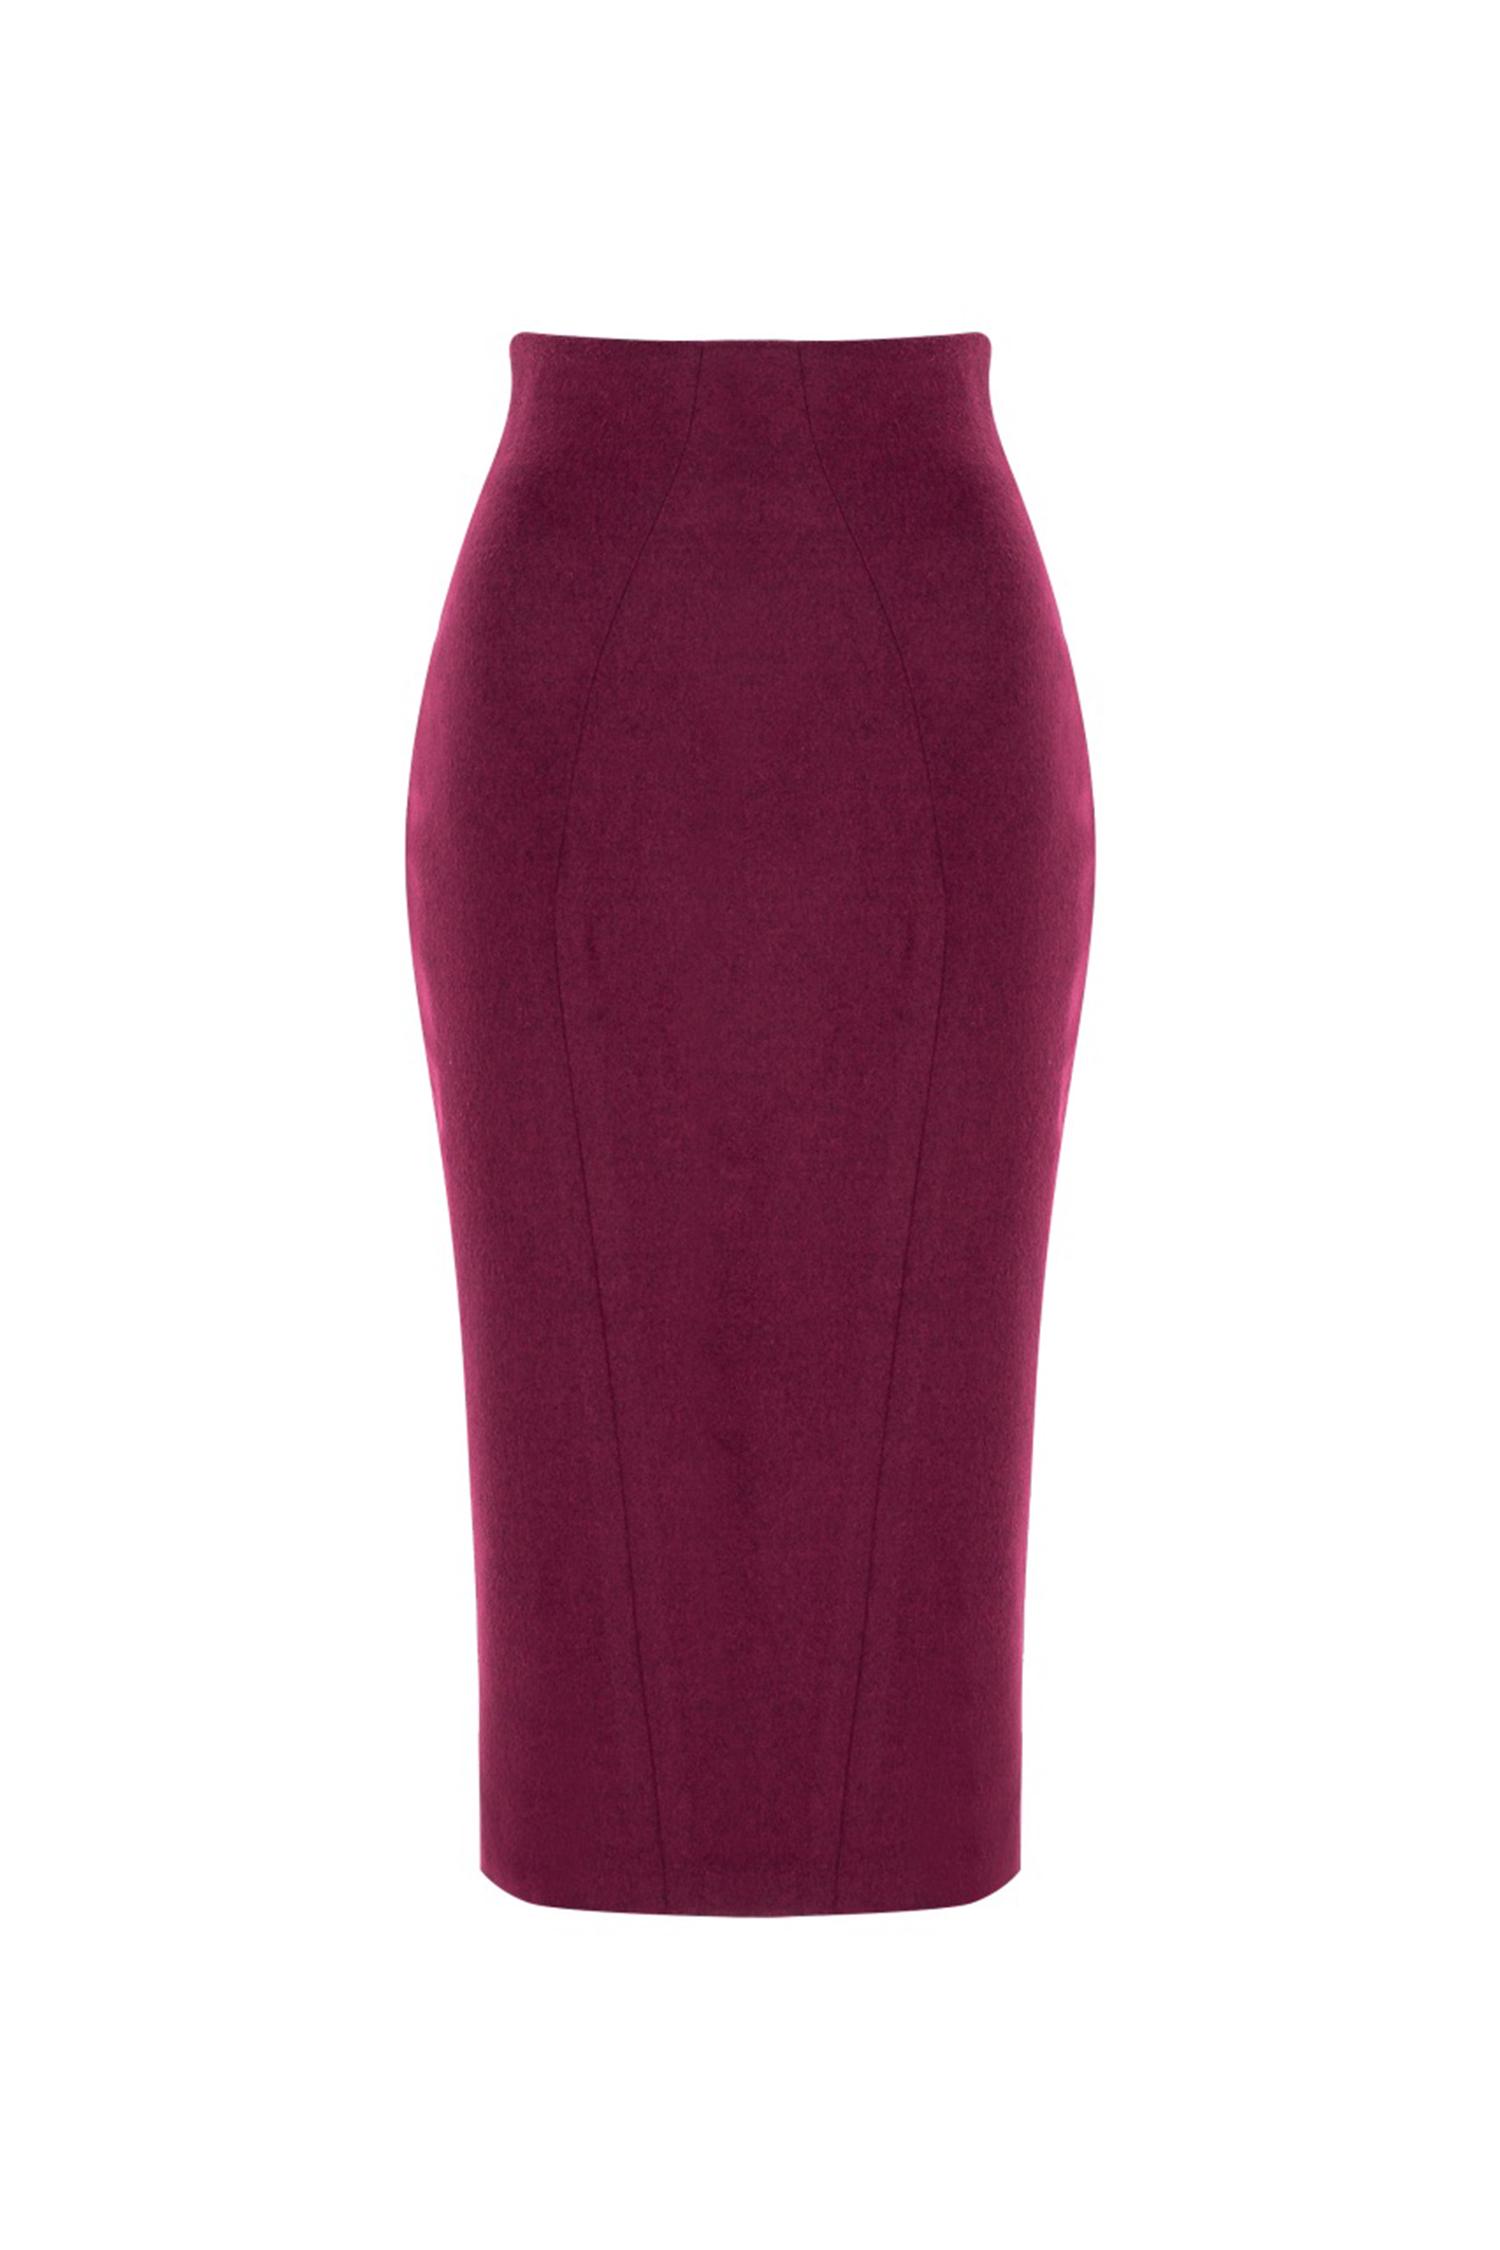 skirt, pencilskirt, fw 21/22